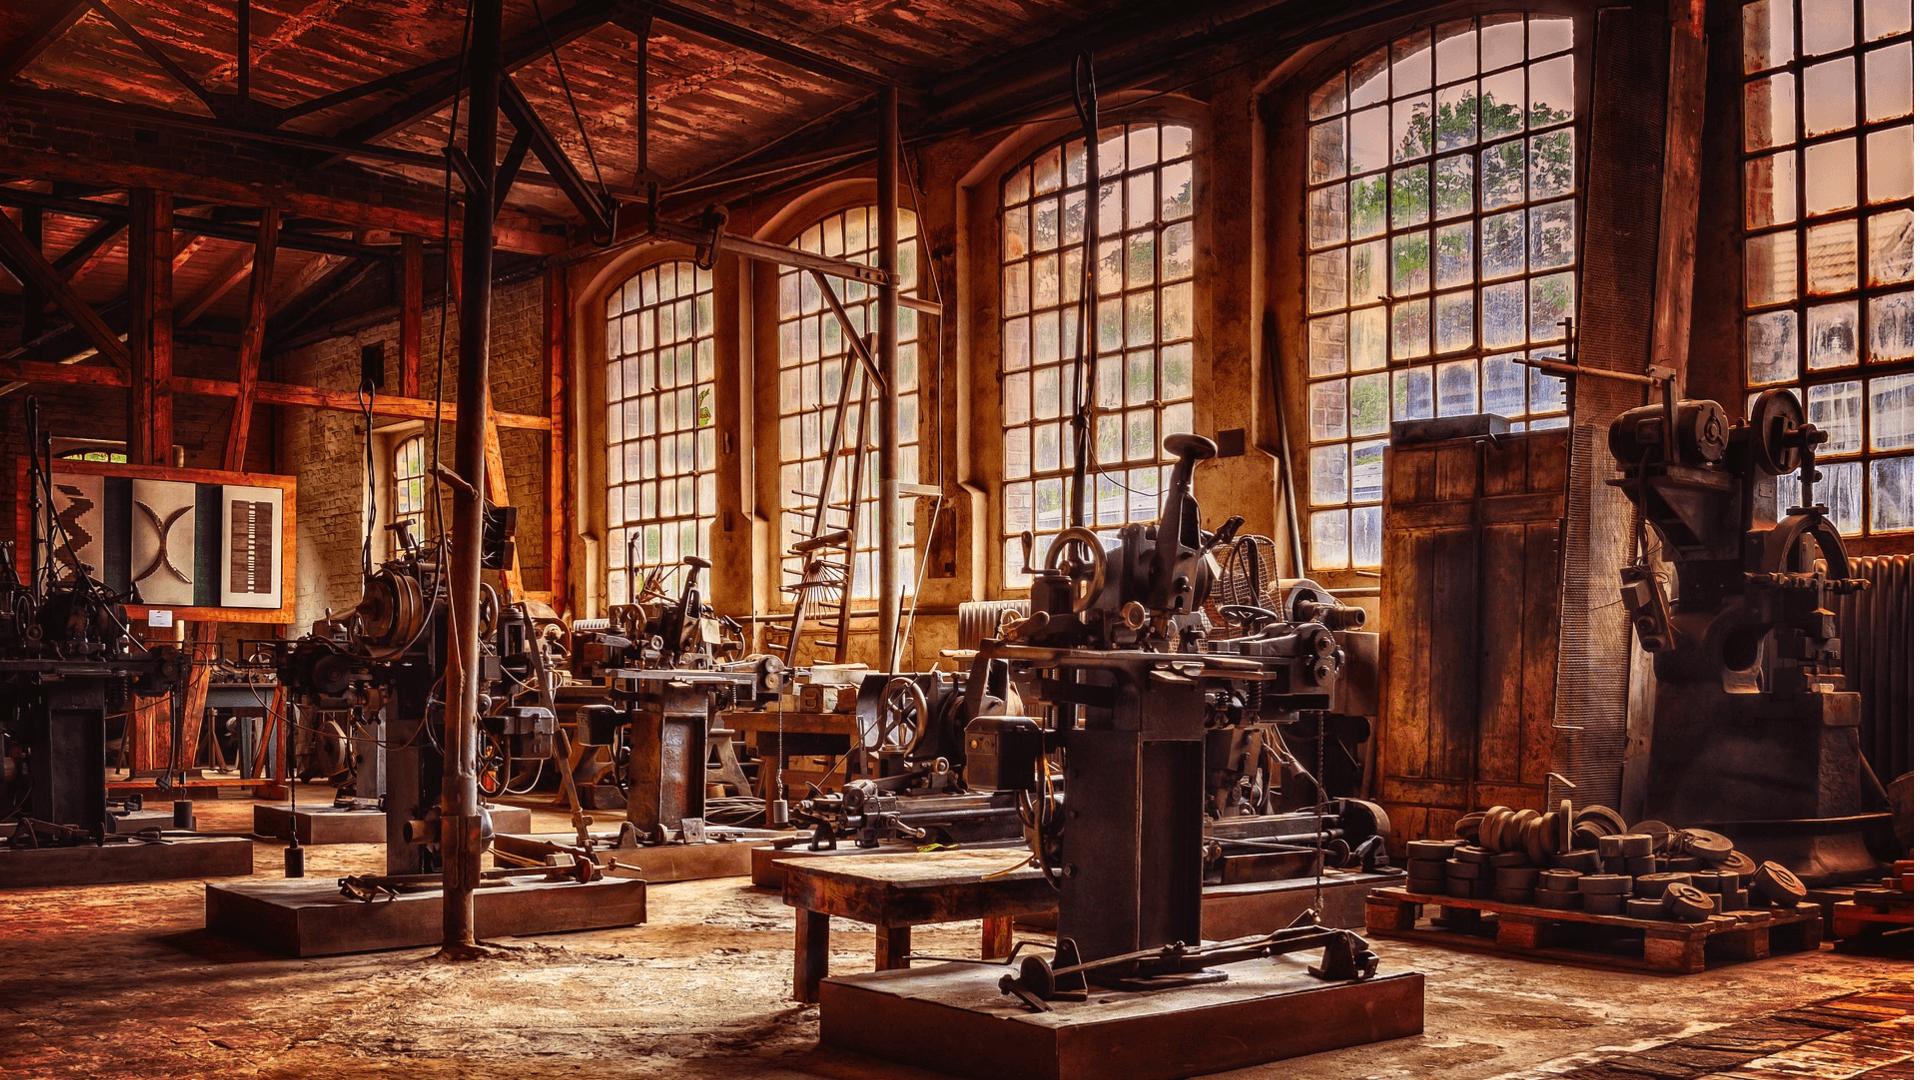 Wann hat die erste industrielle Revolution stattgefunden